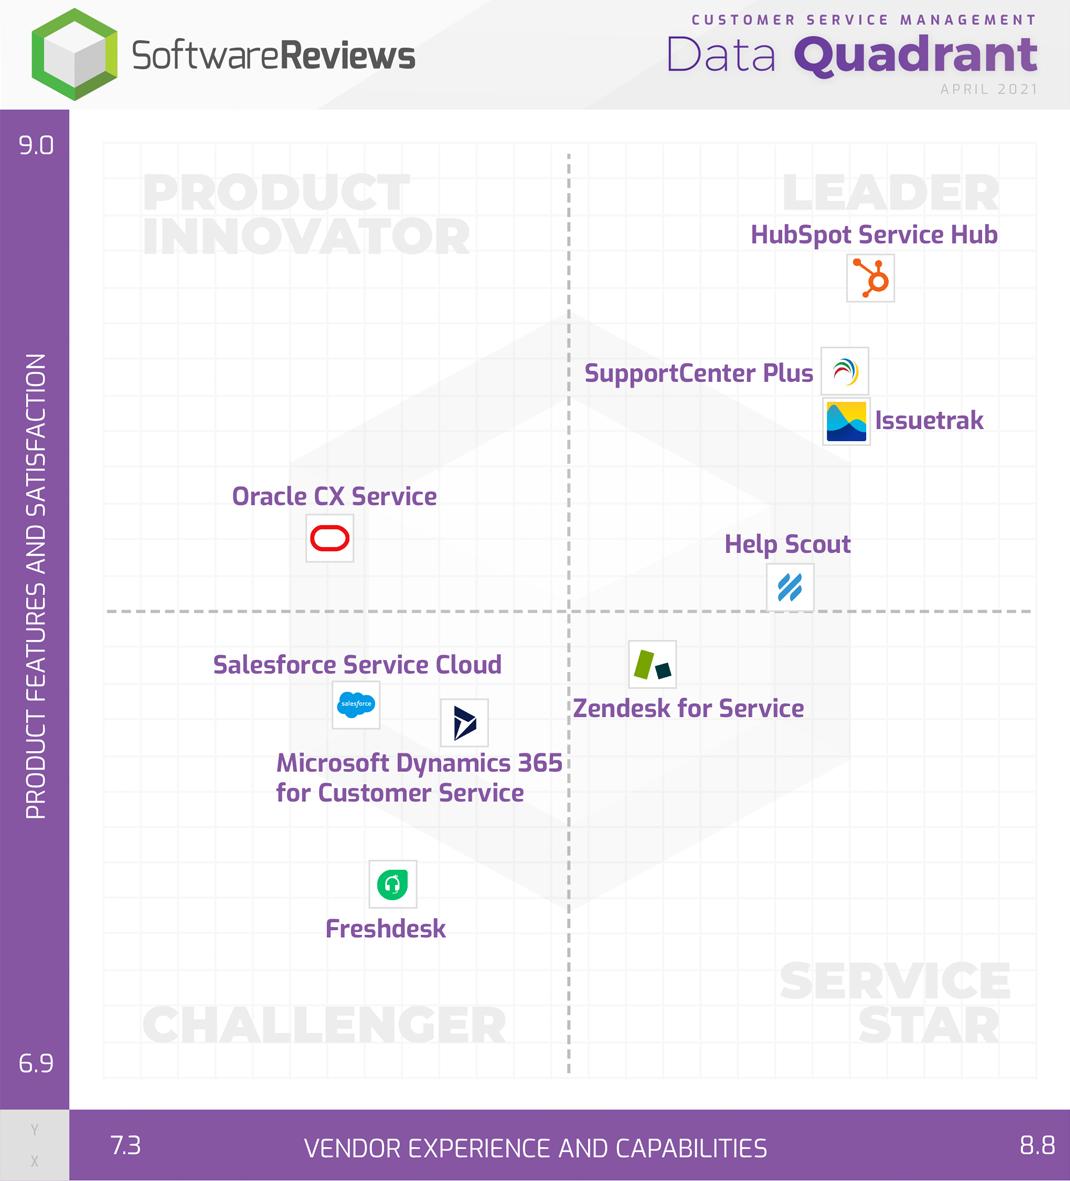 Le Service Hub de HubSpot est le meilleur logiciel sur SoftwareReviews